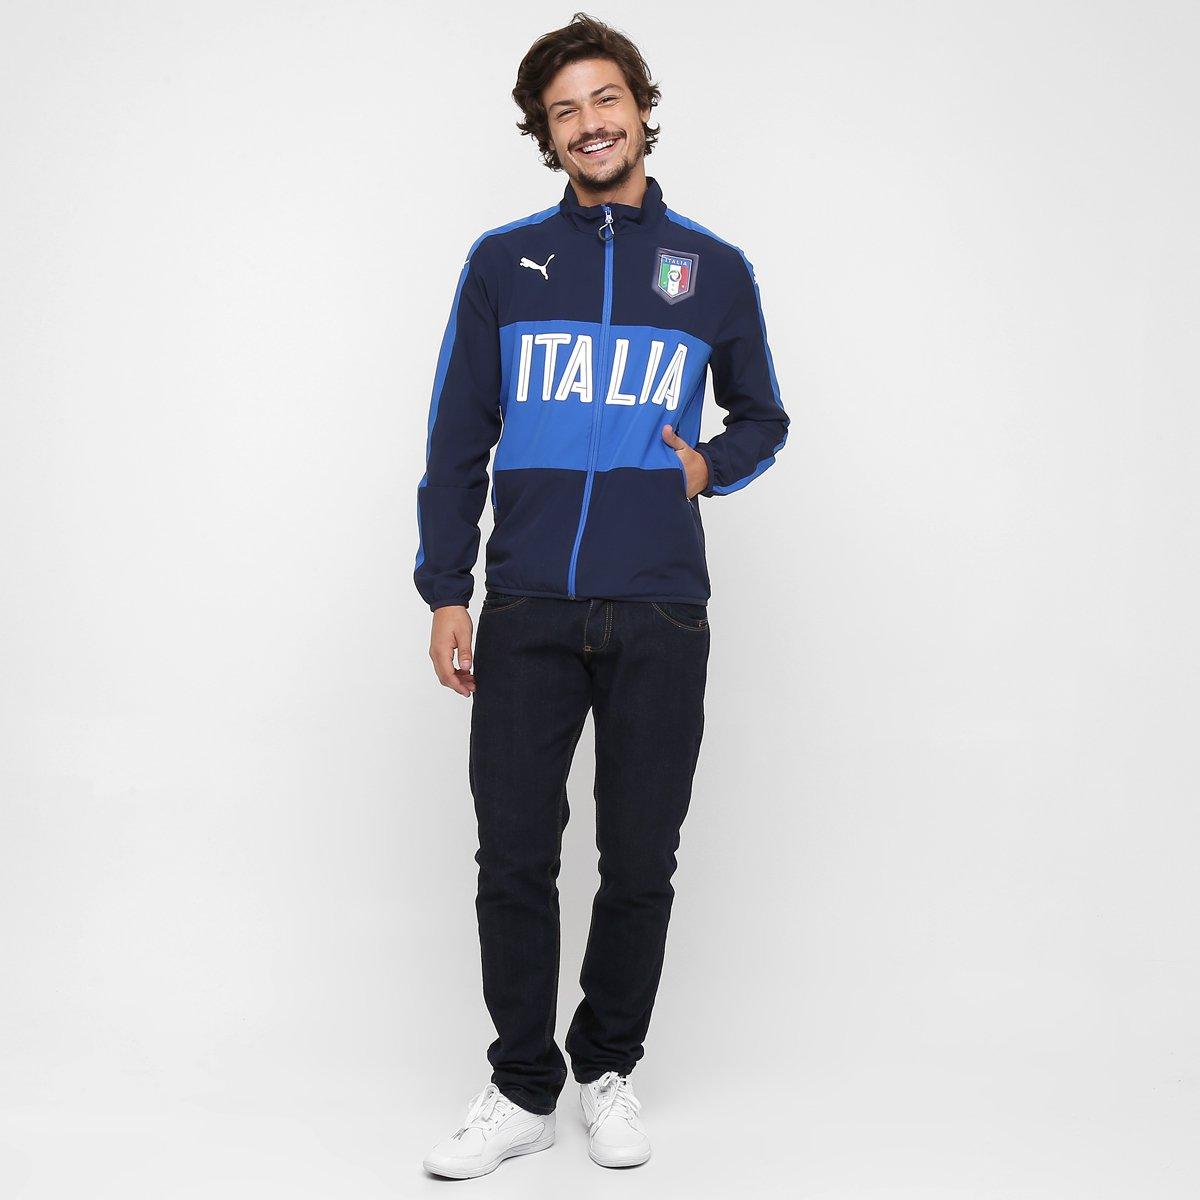 5a865aaca2 Jaqueta Puma Seleção Itália - Compre Agora